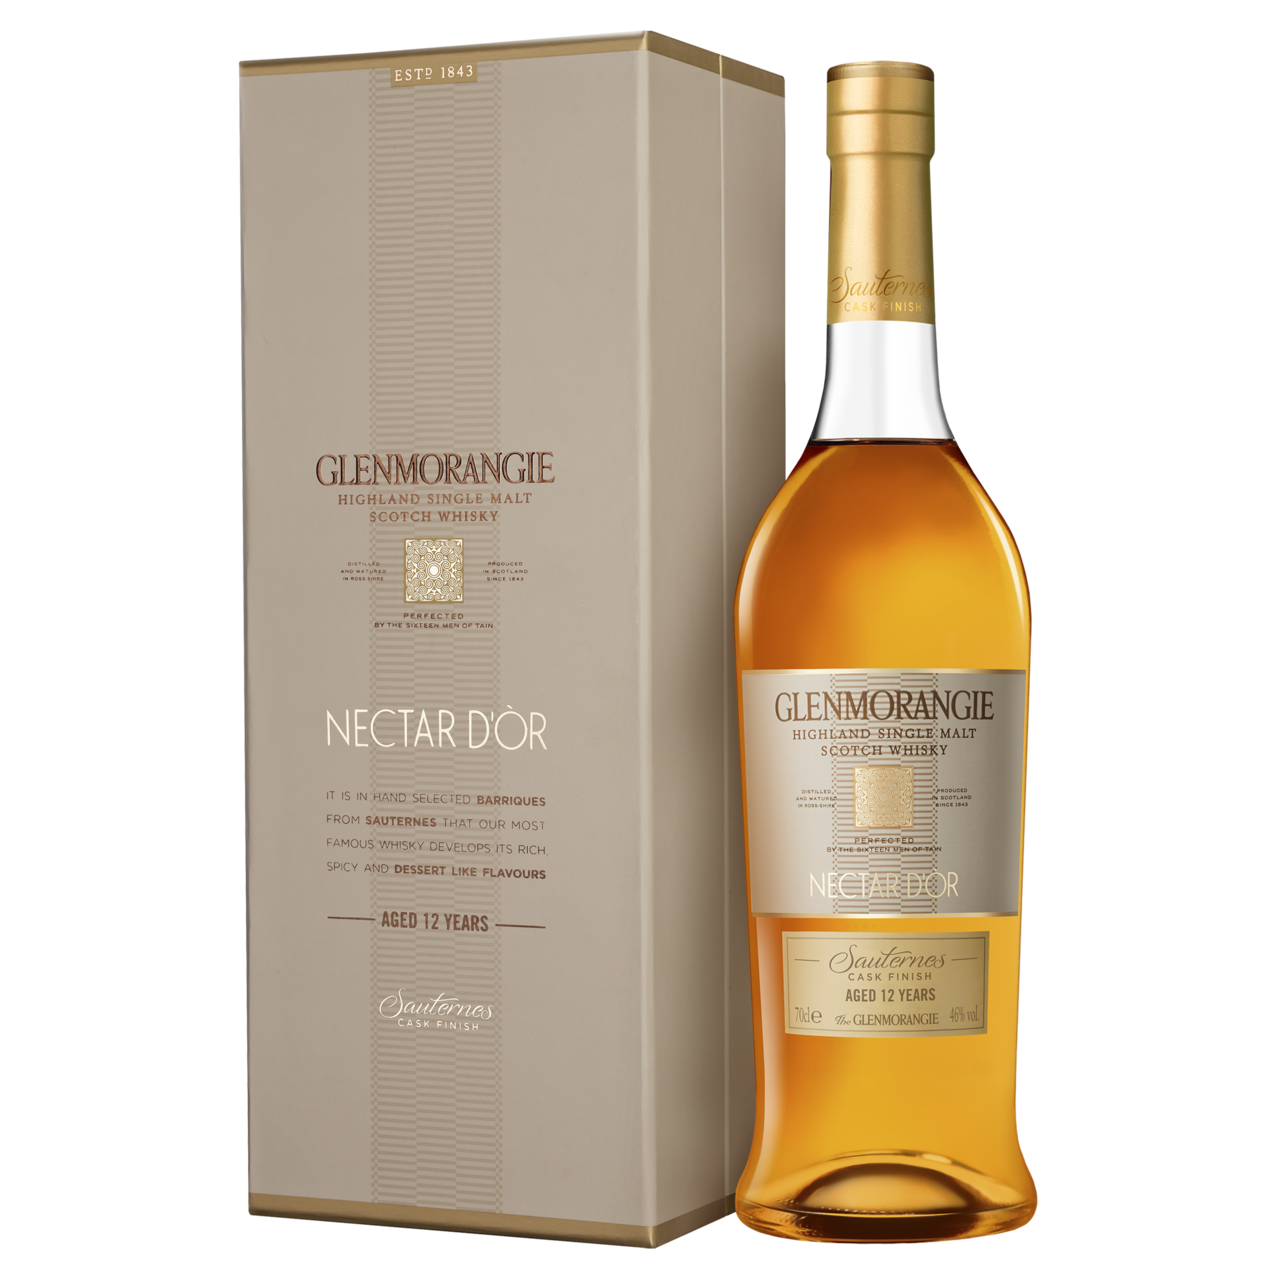 Glenmorangie Nectar Dor